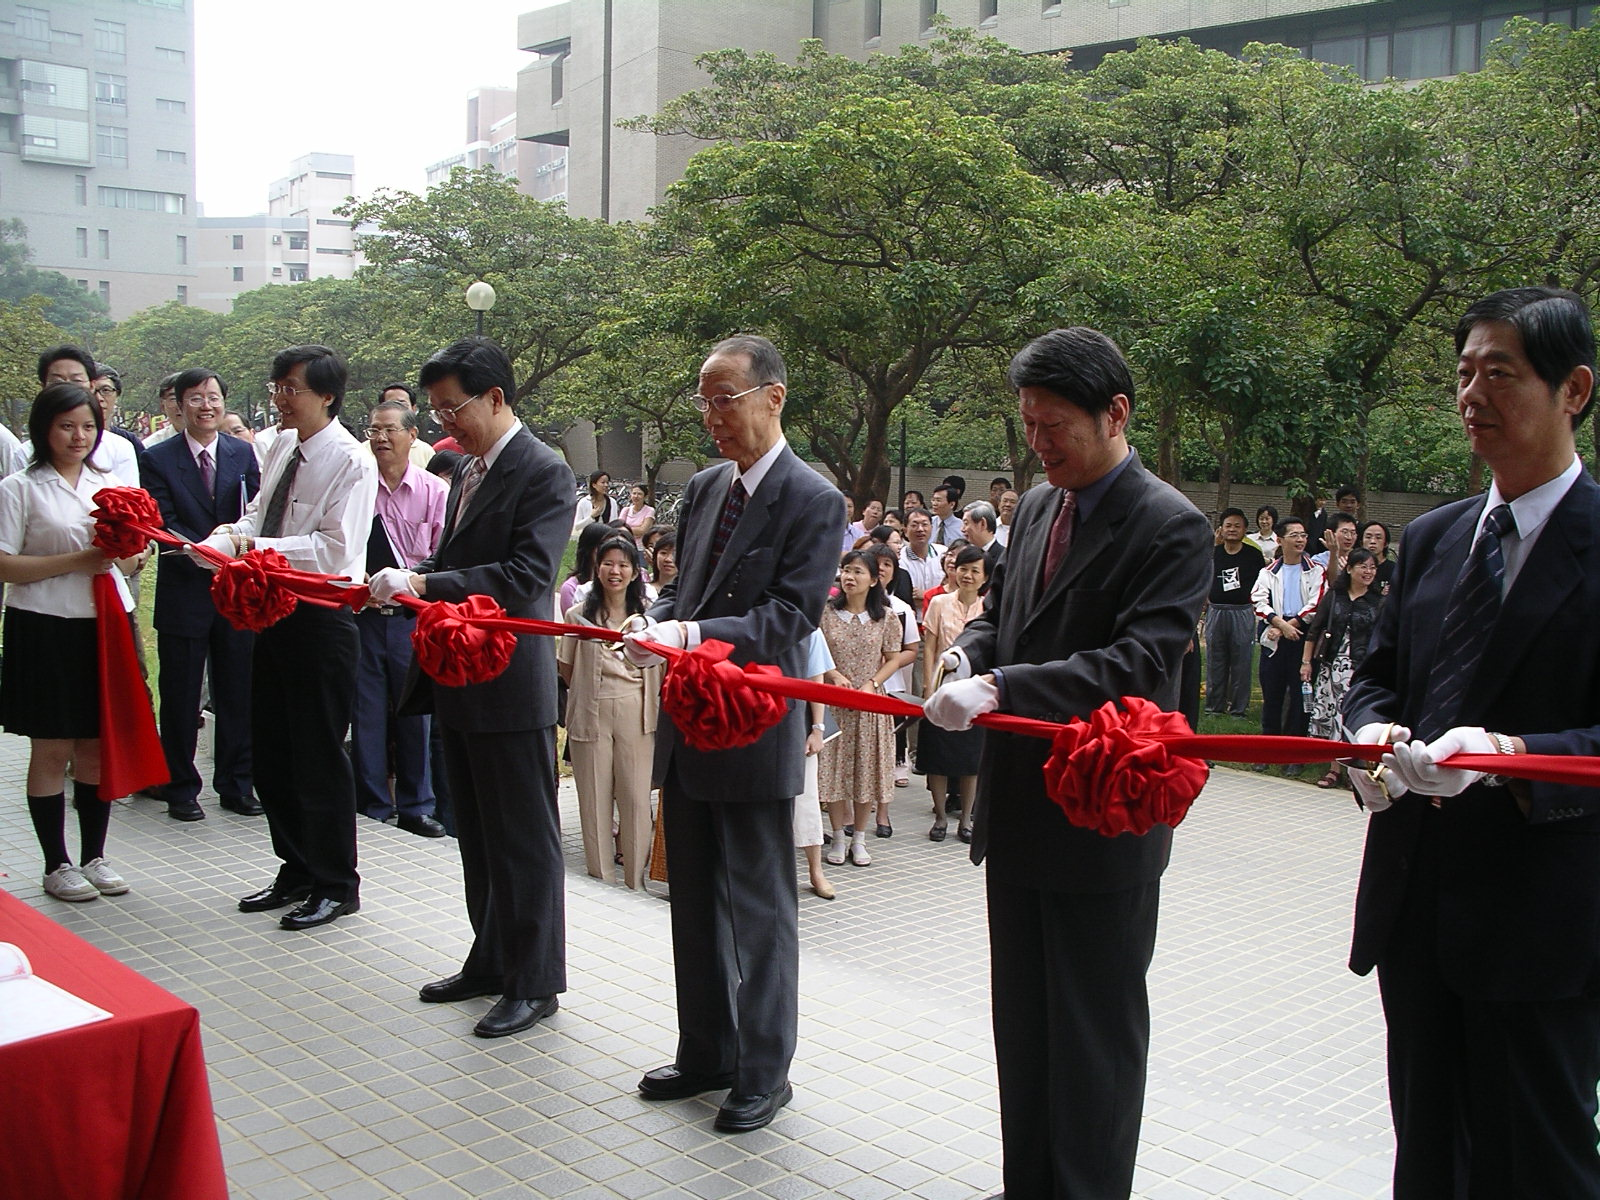 中原大學生物科技館落成 朝生命科學研究發展